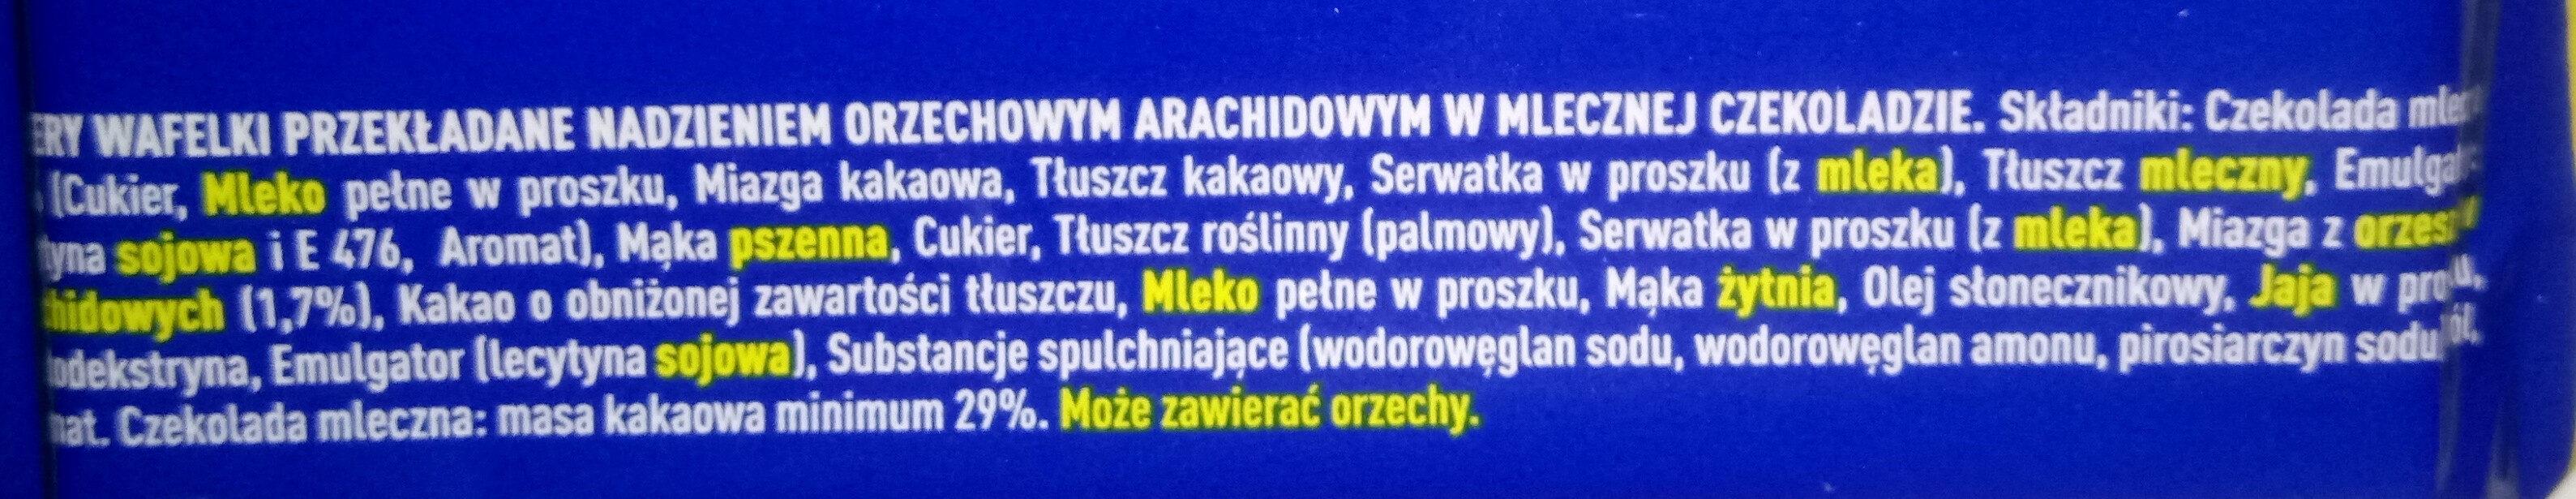 WW - Składniki - pl